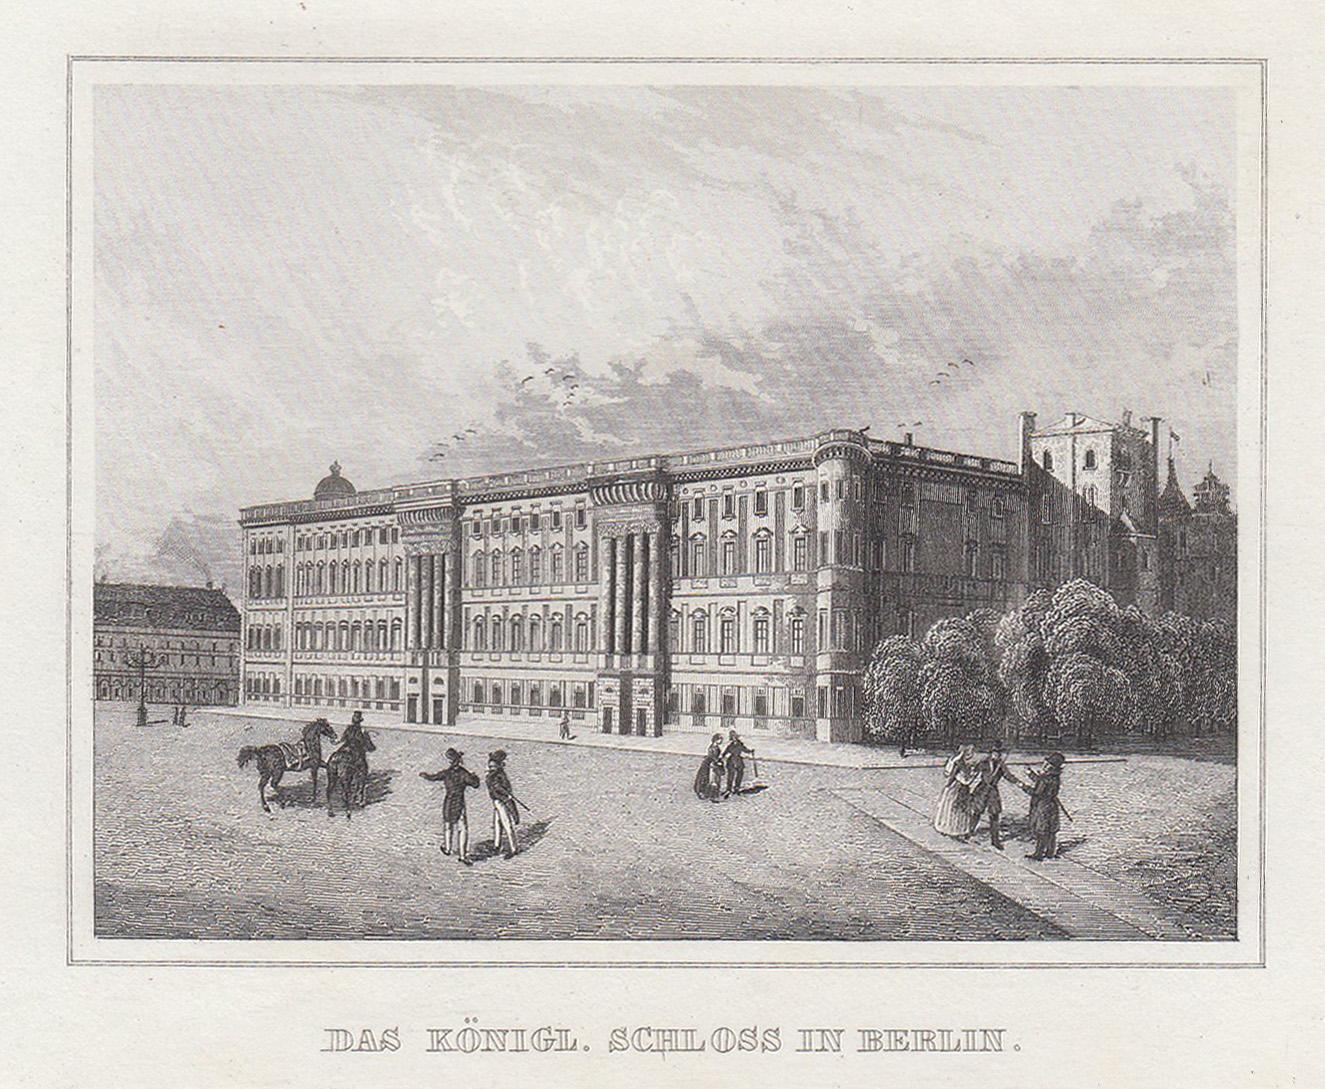 """Schloßplatzseite, """"Das königl. Schloss in Berlin"""".: Berlin - Schloss:"""